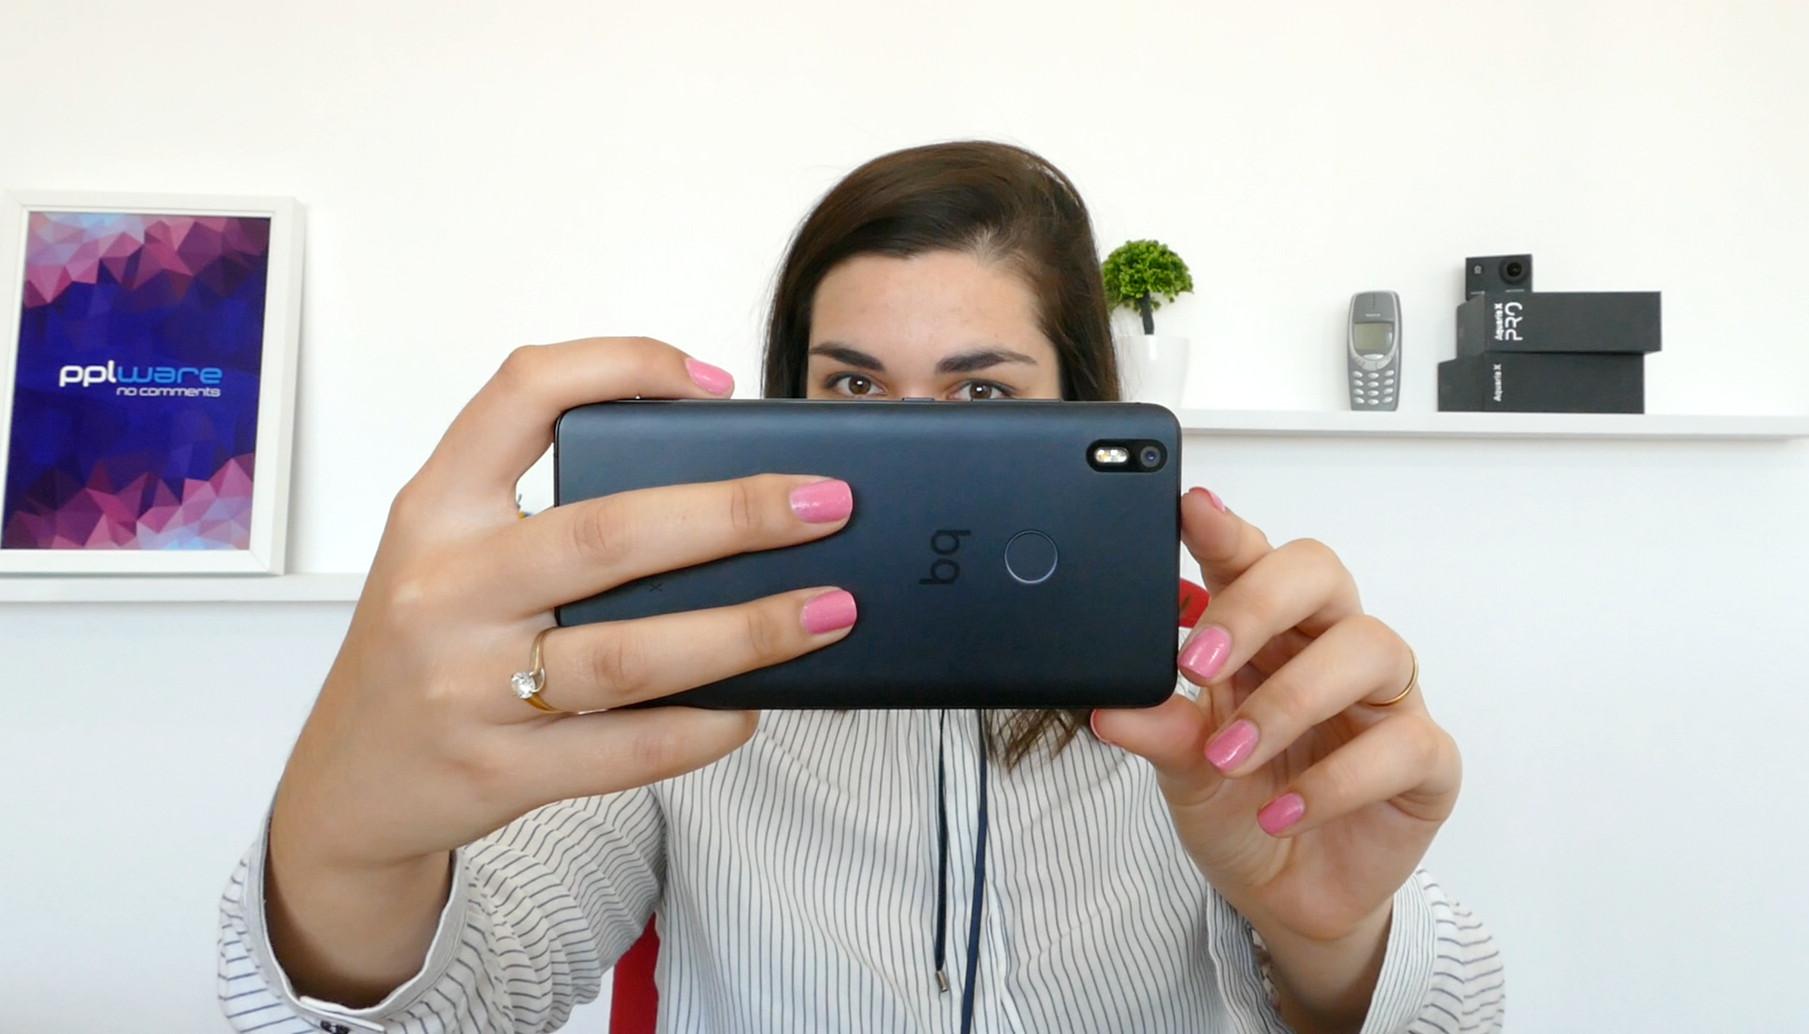 Photos Companion – Transfira fotos do smartphone para o PC